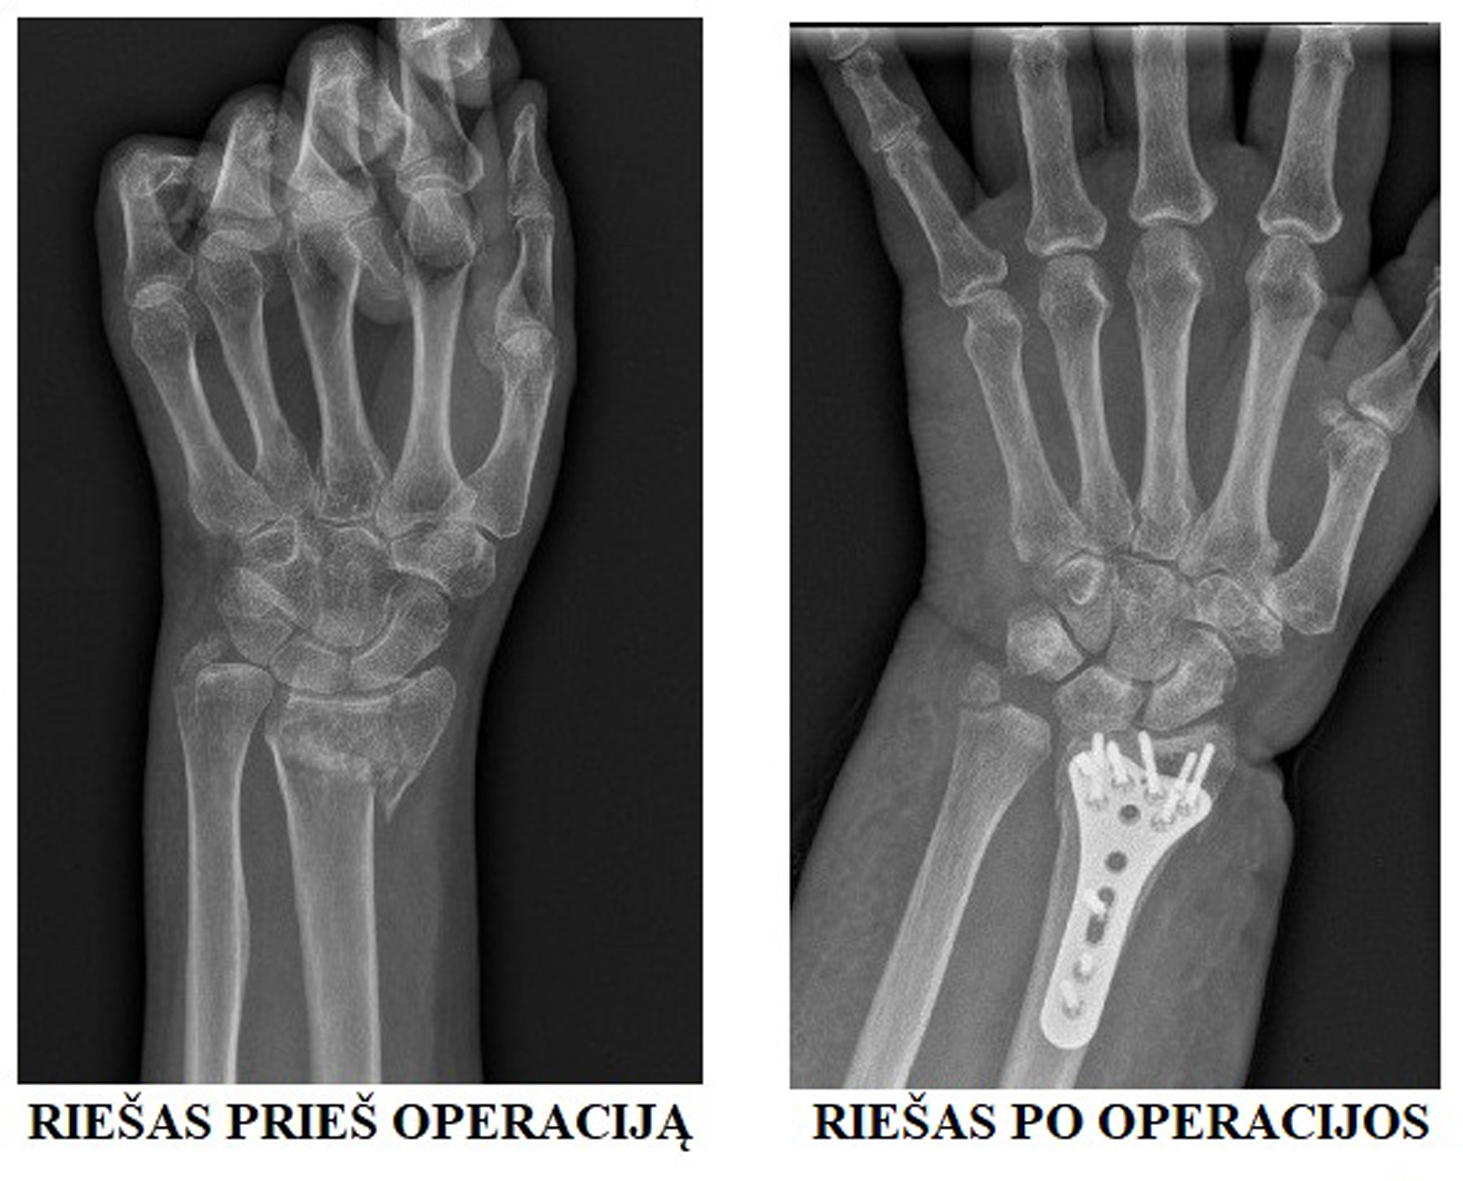 lūžis radialinio kaulais alkūnės sąnario gydymas skausmas alkūnės sąnario dešinėje gydymo